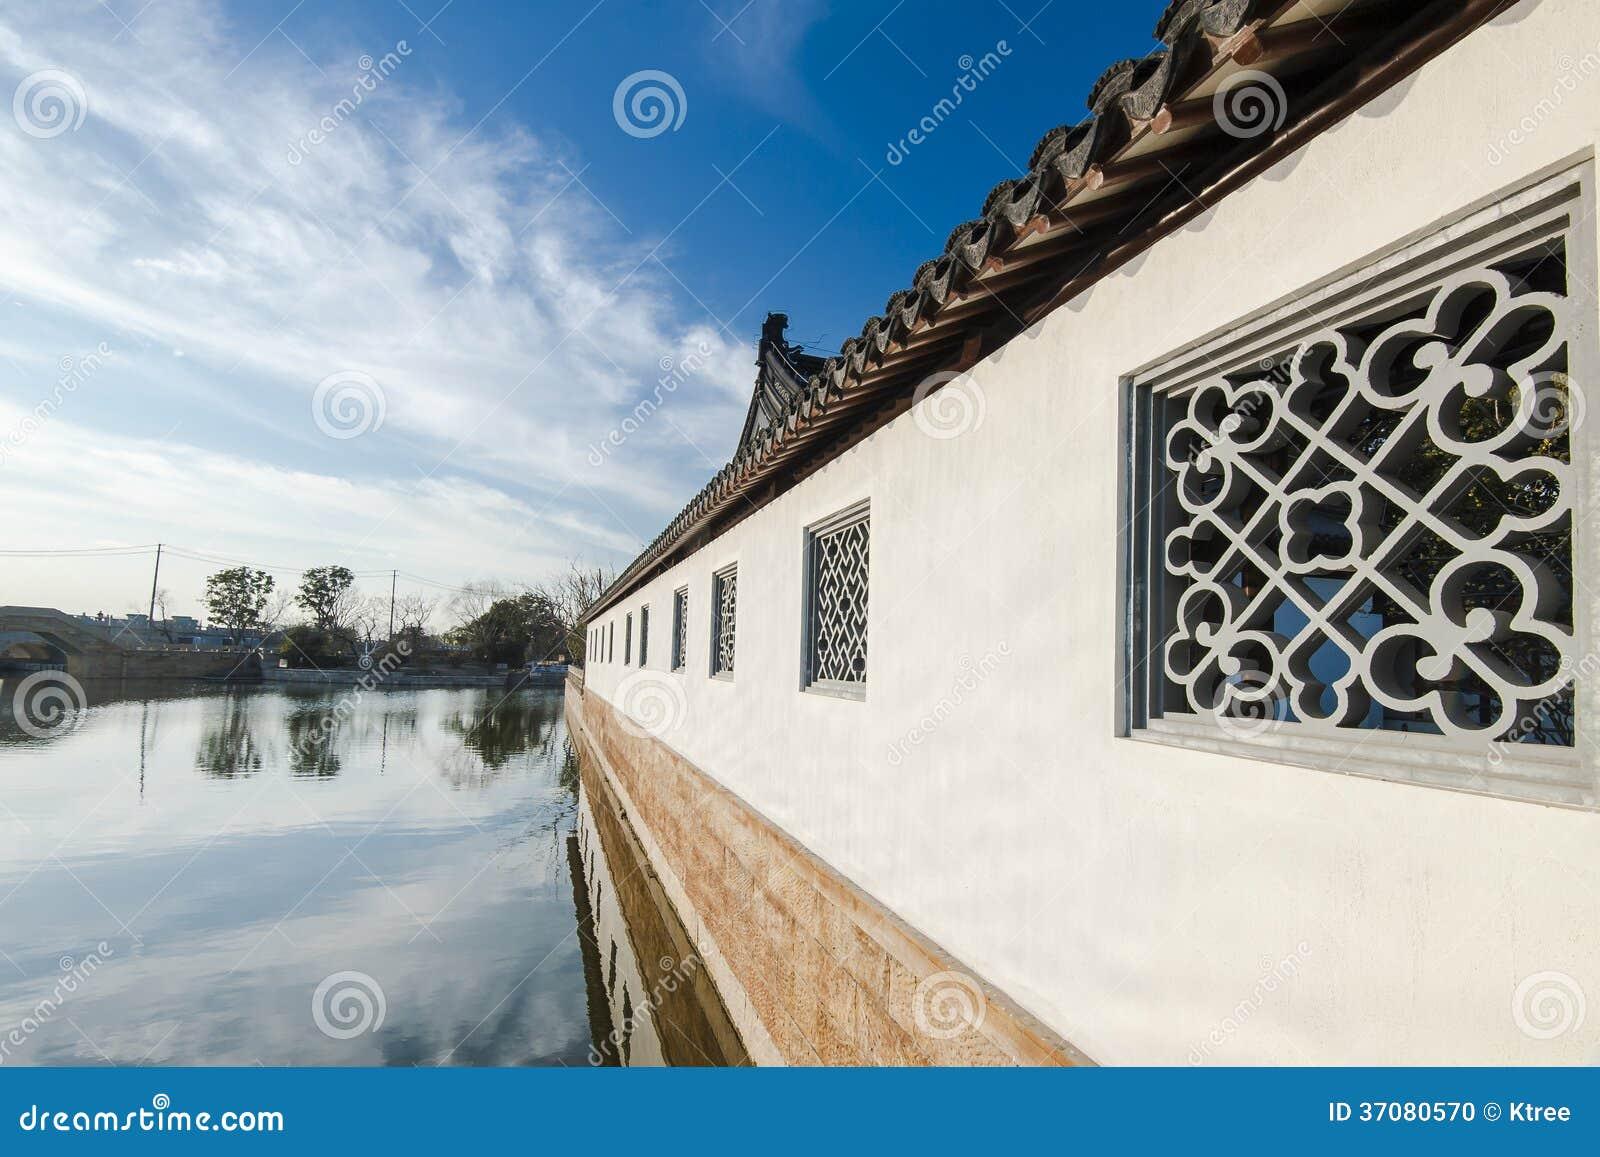 Download Chiński ludu dom zdjęcie stock. Obraz złożonej z oriental - 37080570